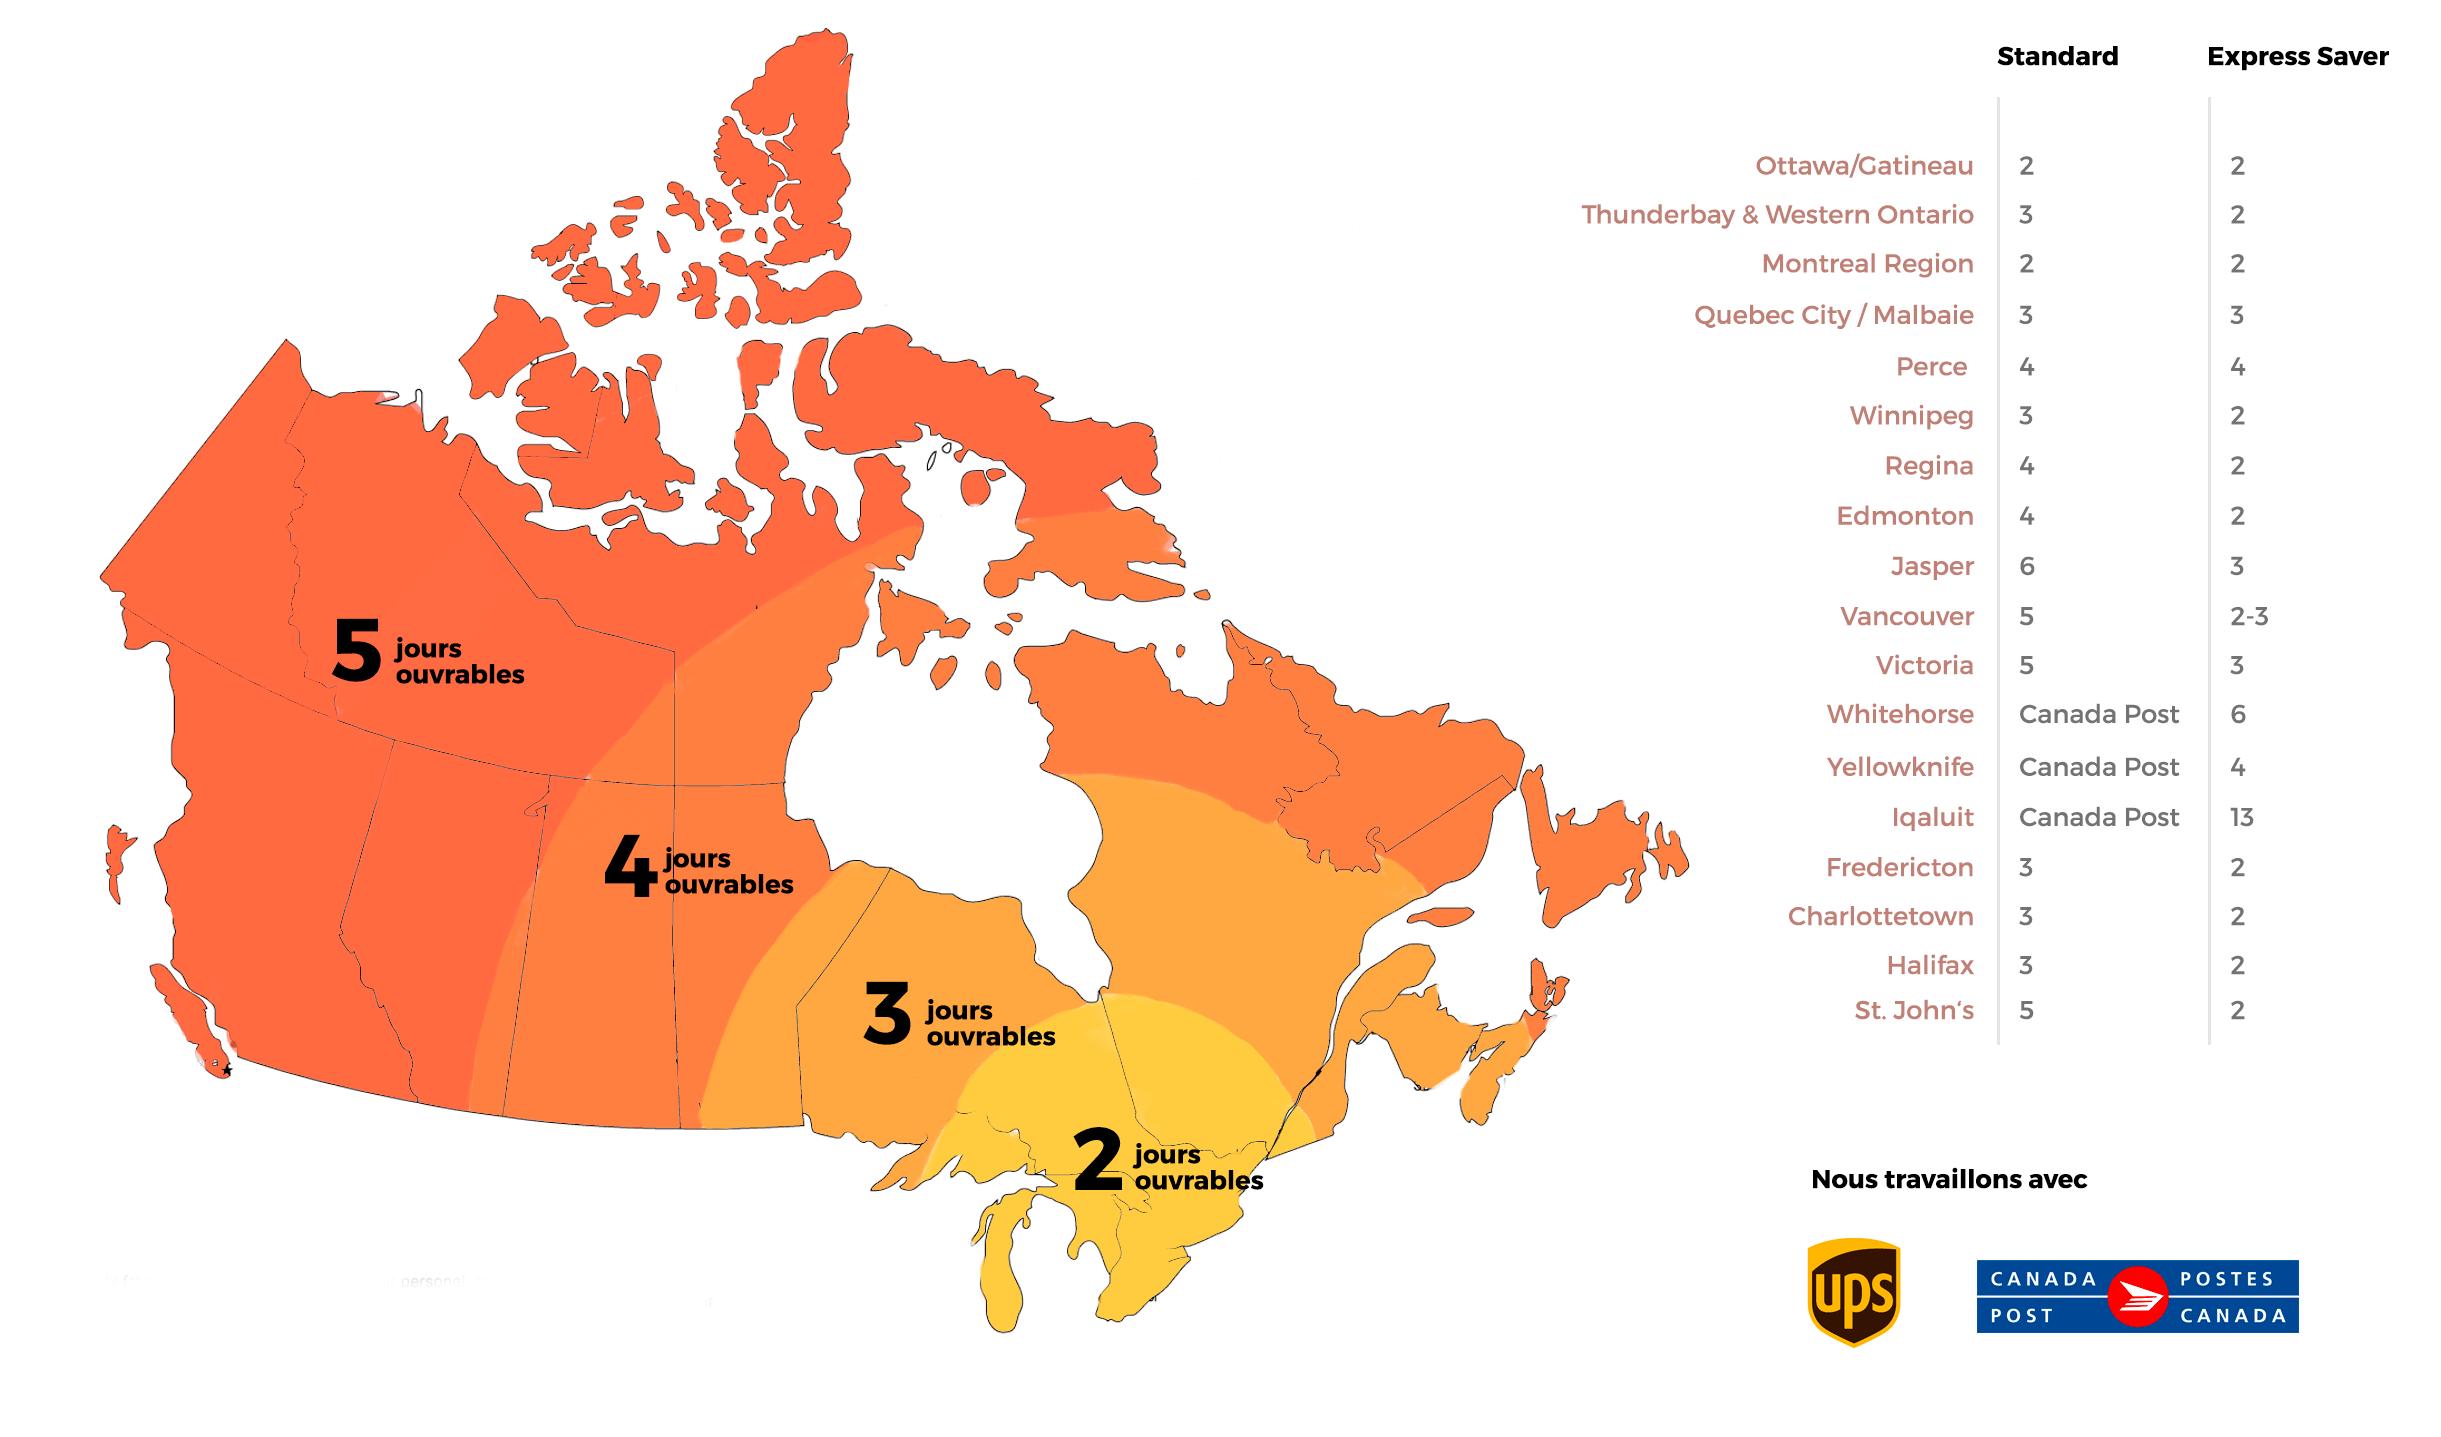 Canada délais de livraison